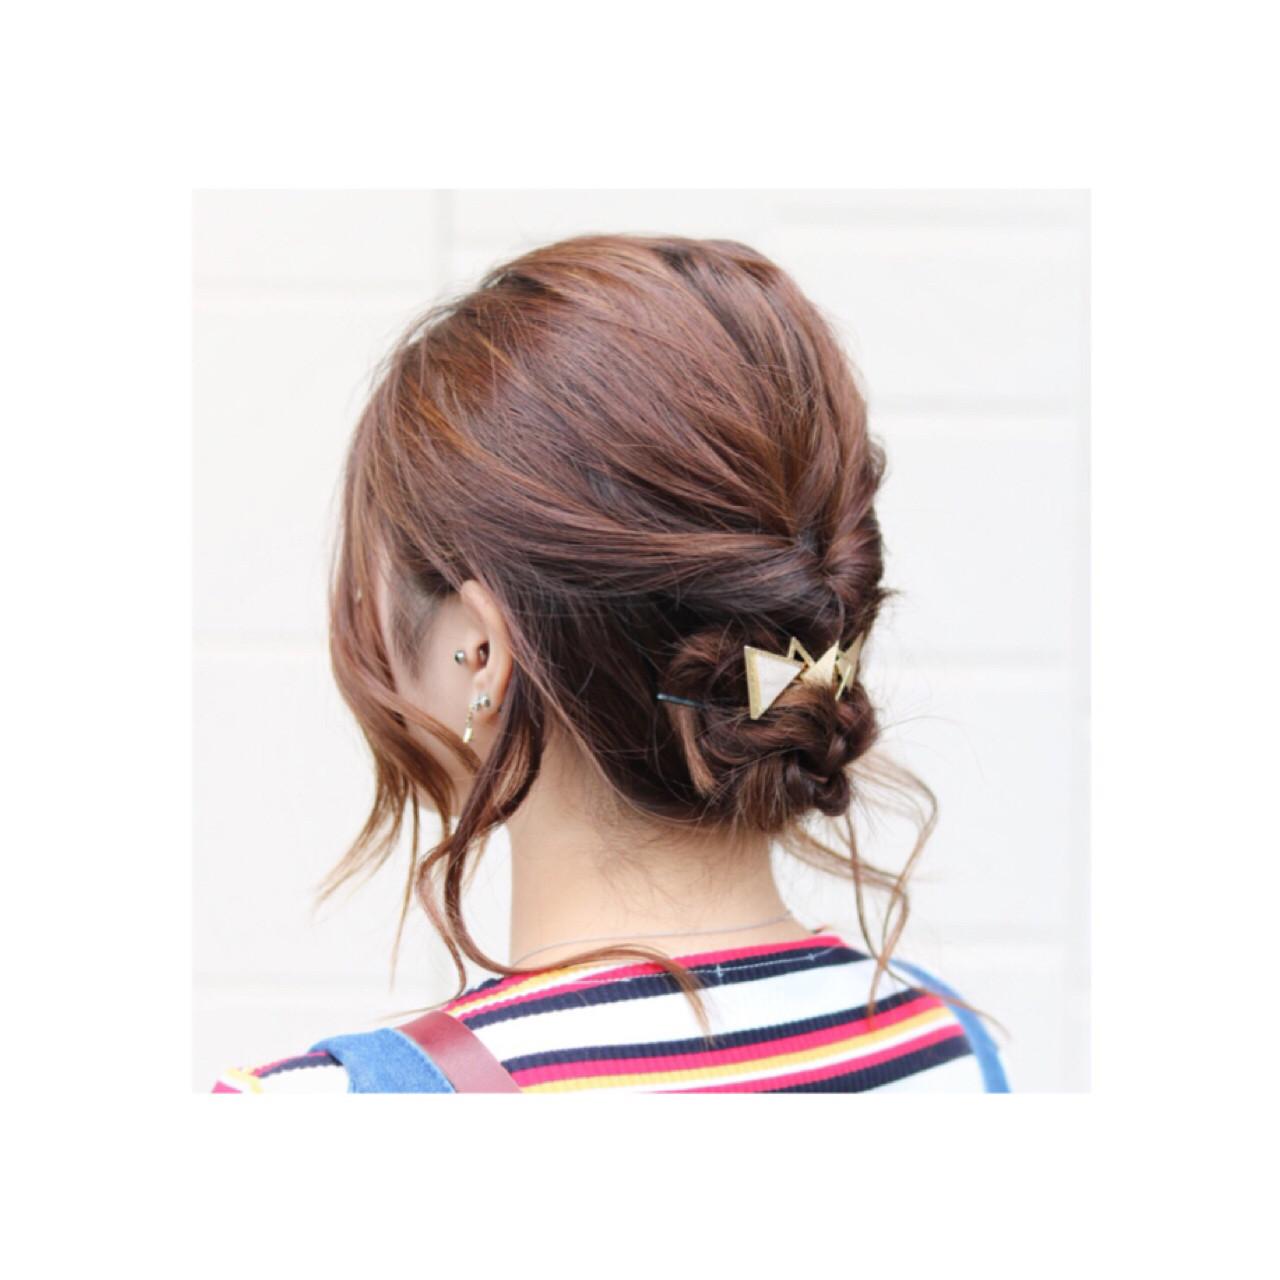 ナチュラル ヘアアレンジ ミディアム デート ヘアスタイルや髪型の写真・画像